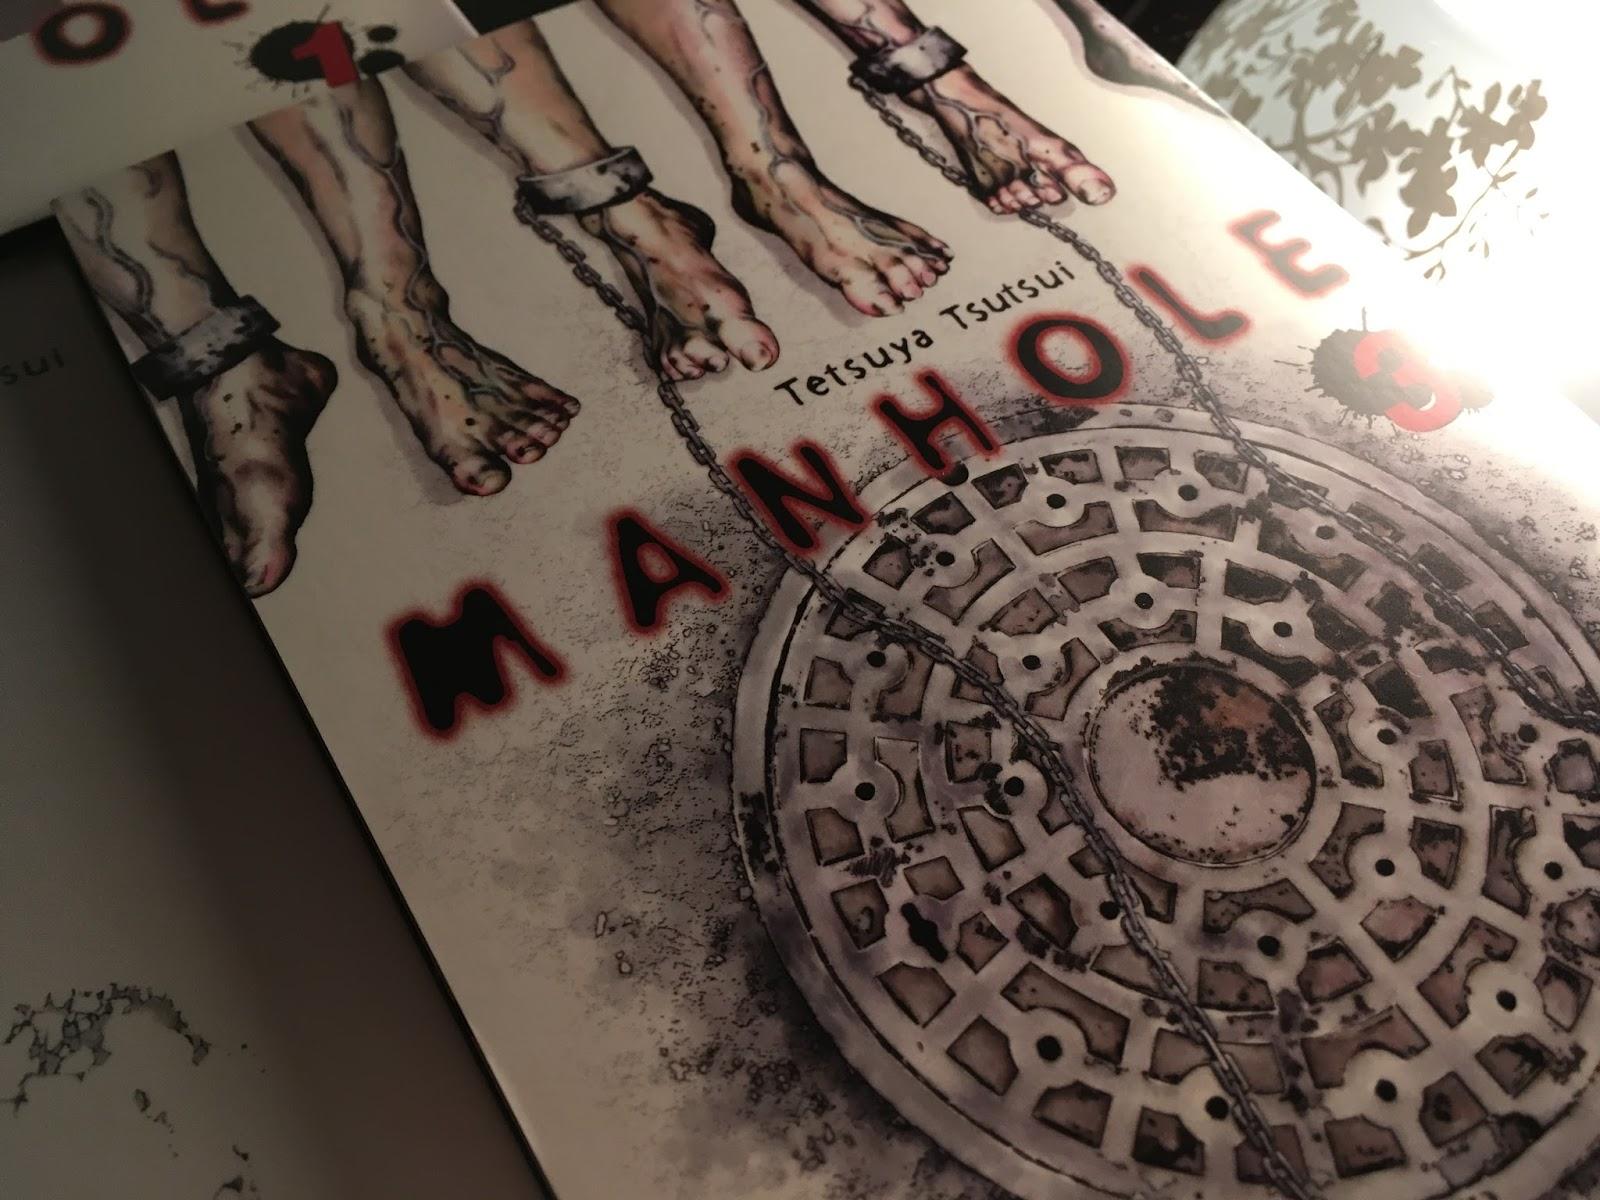 Review/Rezension zum Manga Manhole (carlsen Manga)